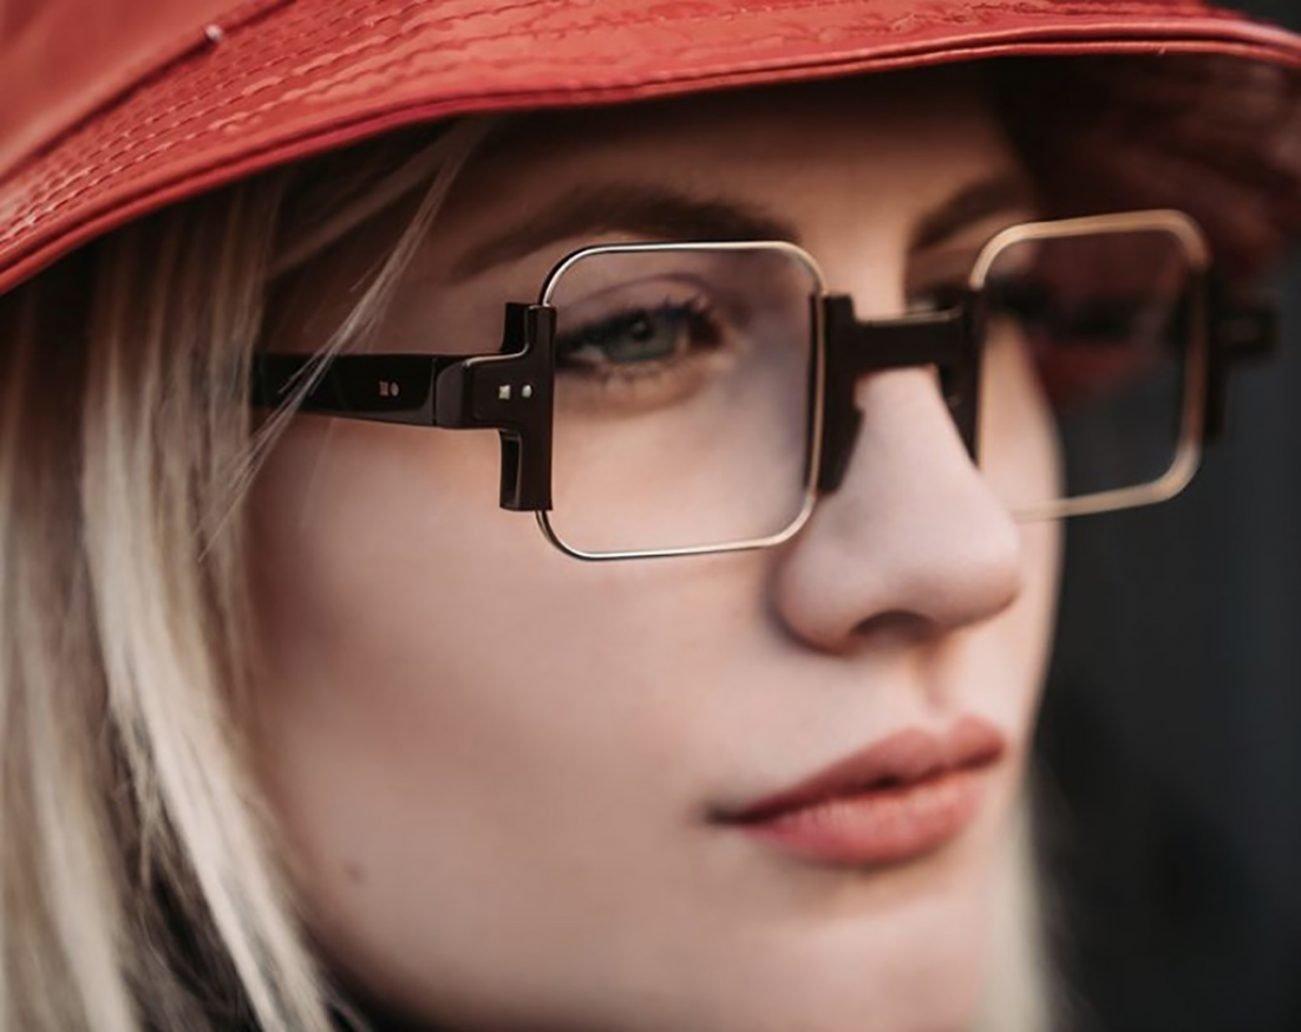 Foto di occhiali da vista 2021 di tendenza